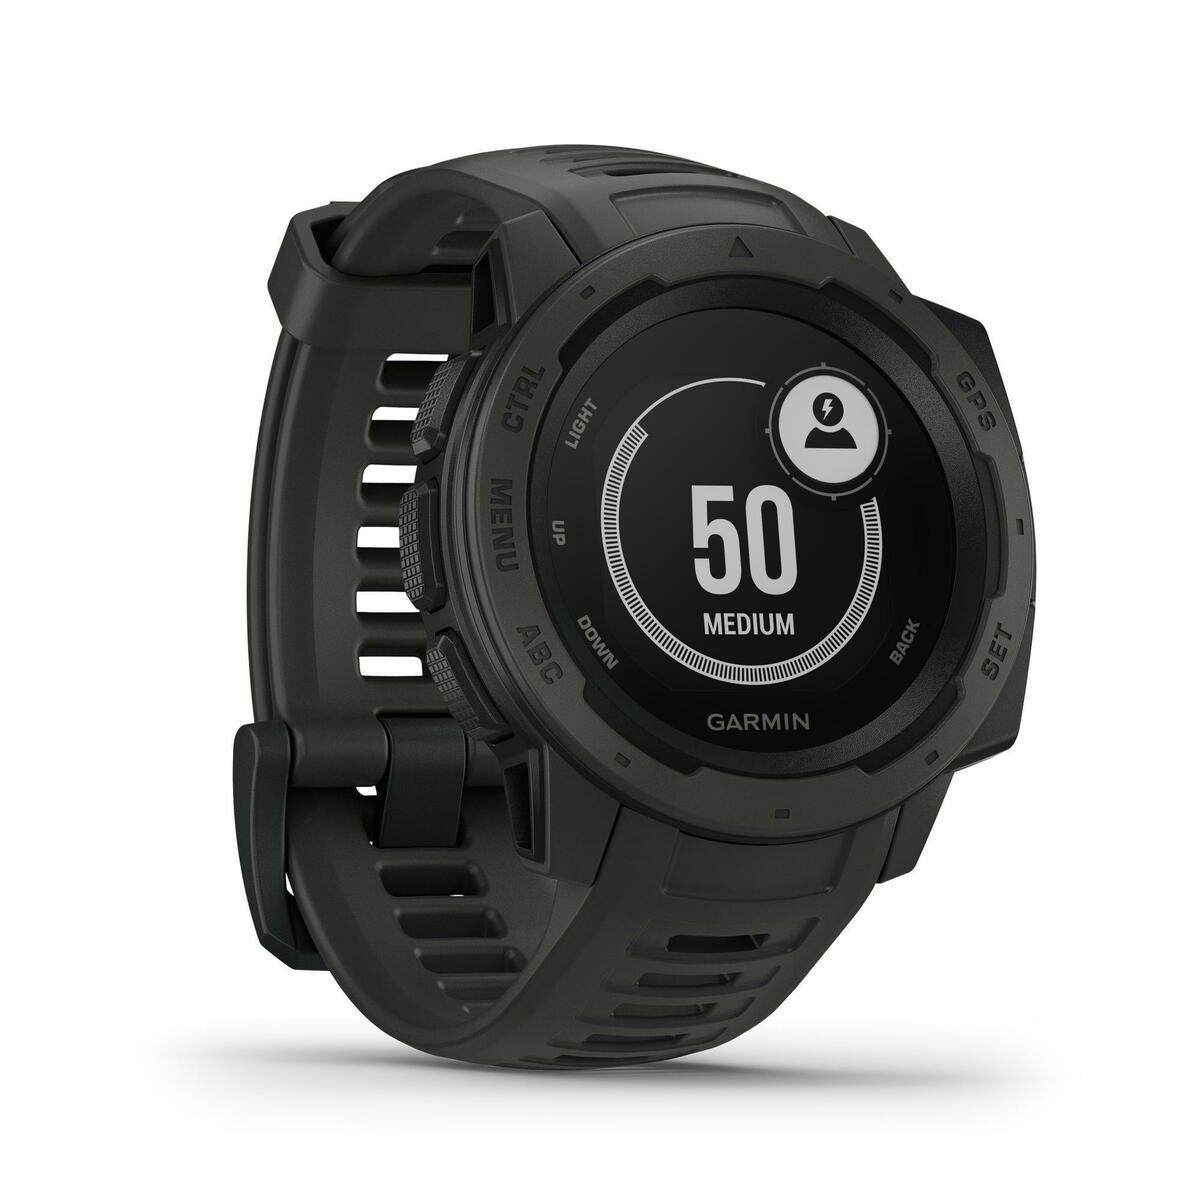 Bild 5 von GPS-Uhr Multisport Instinct